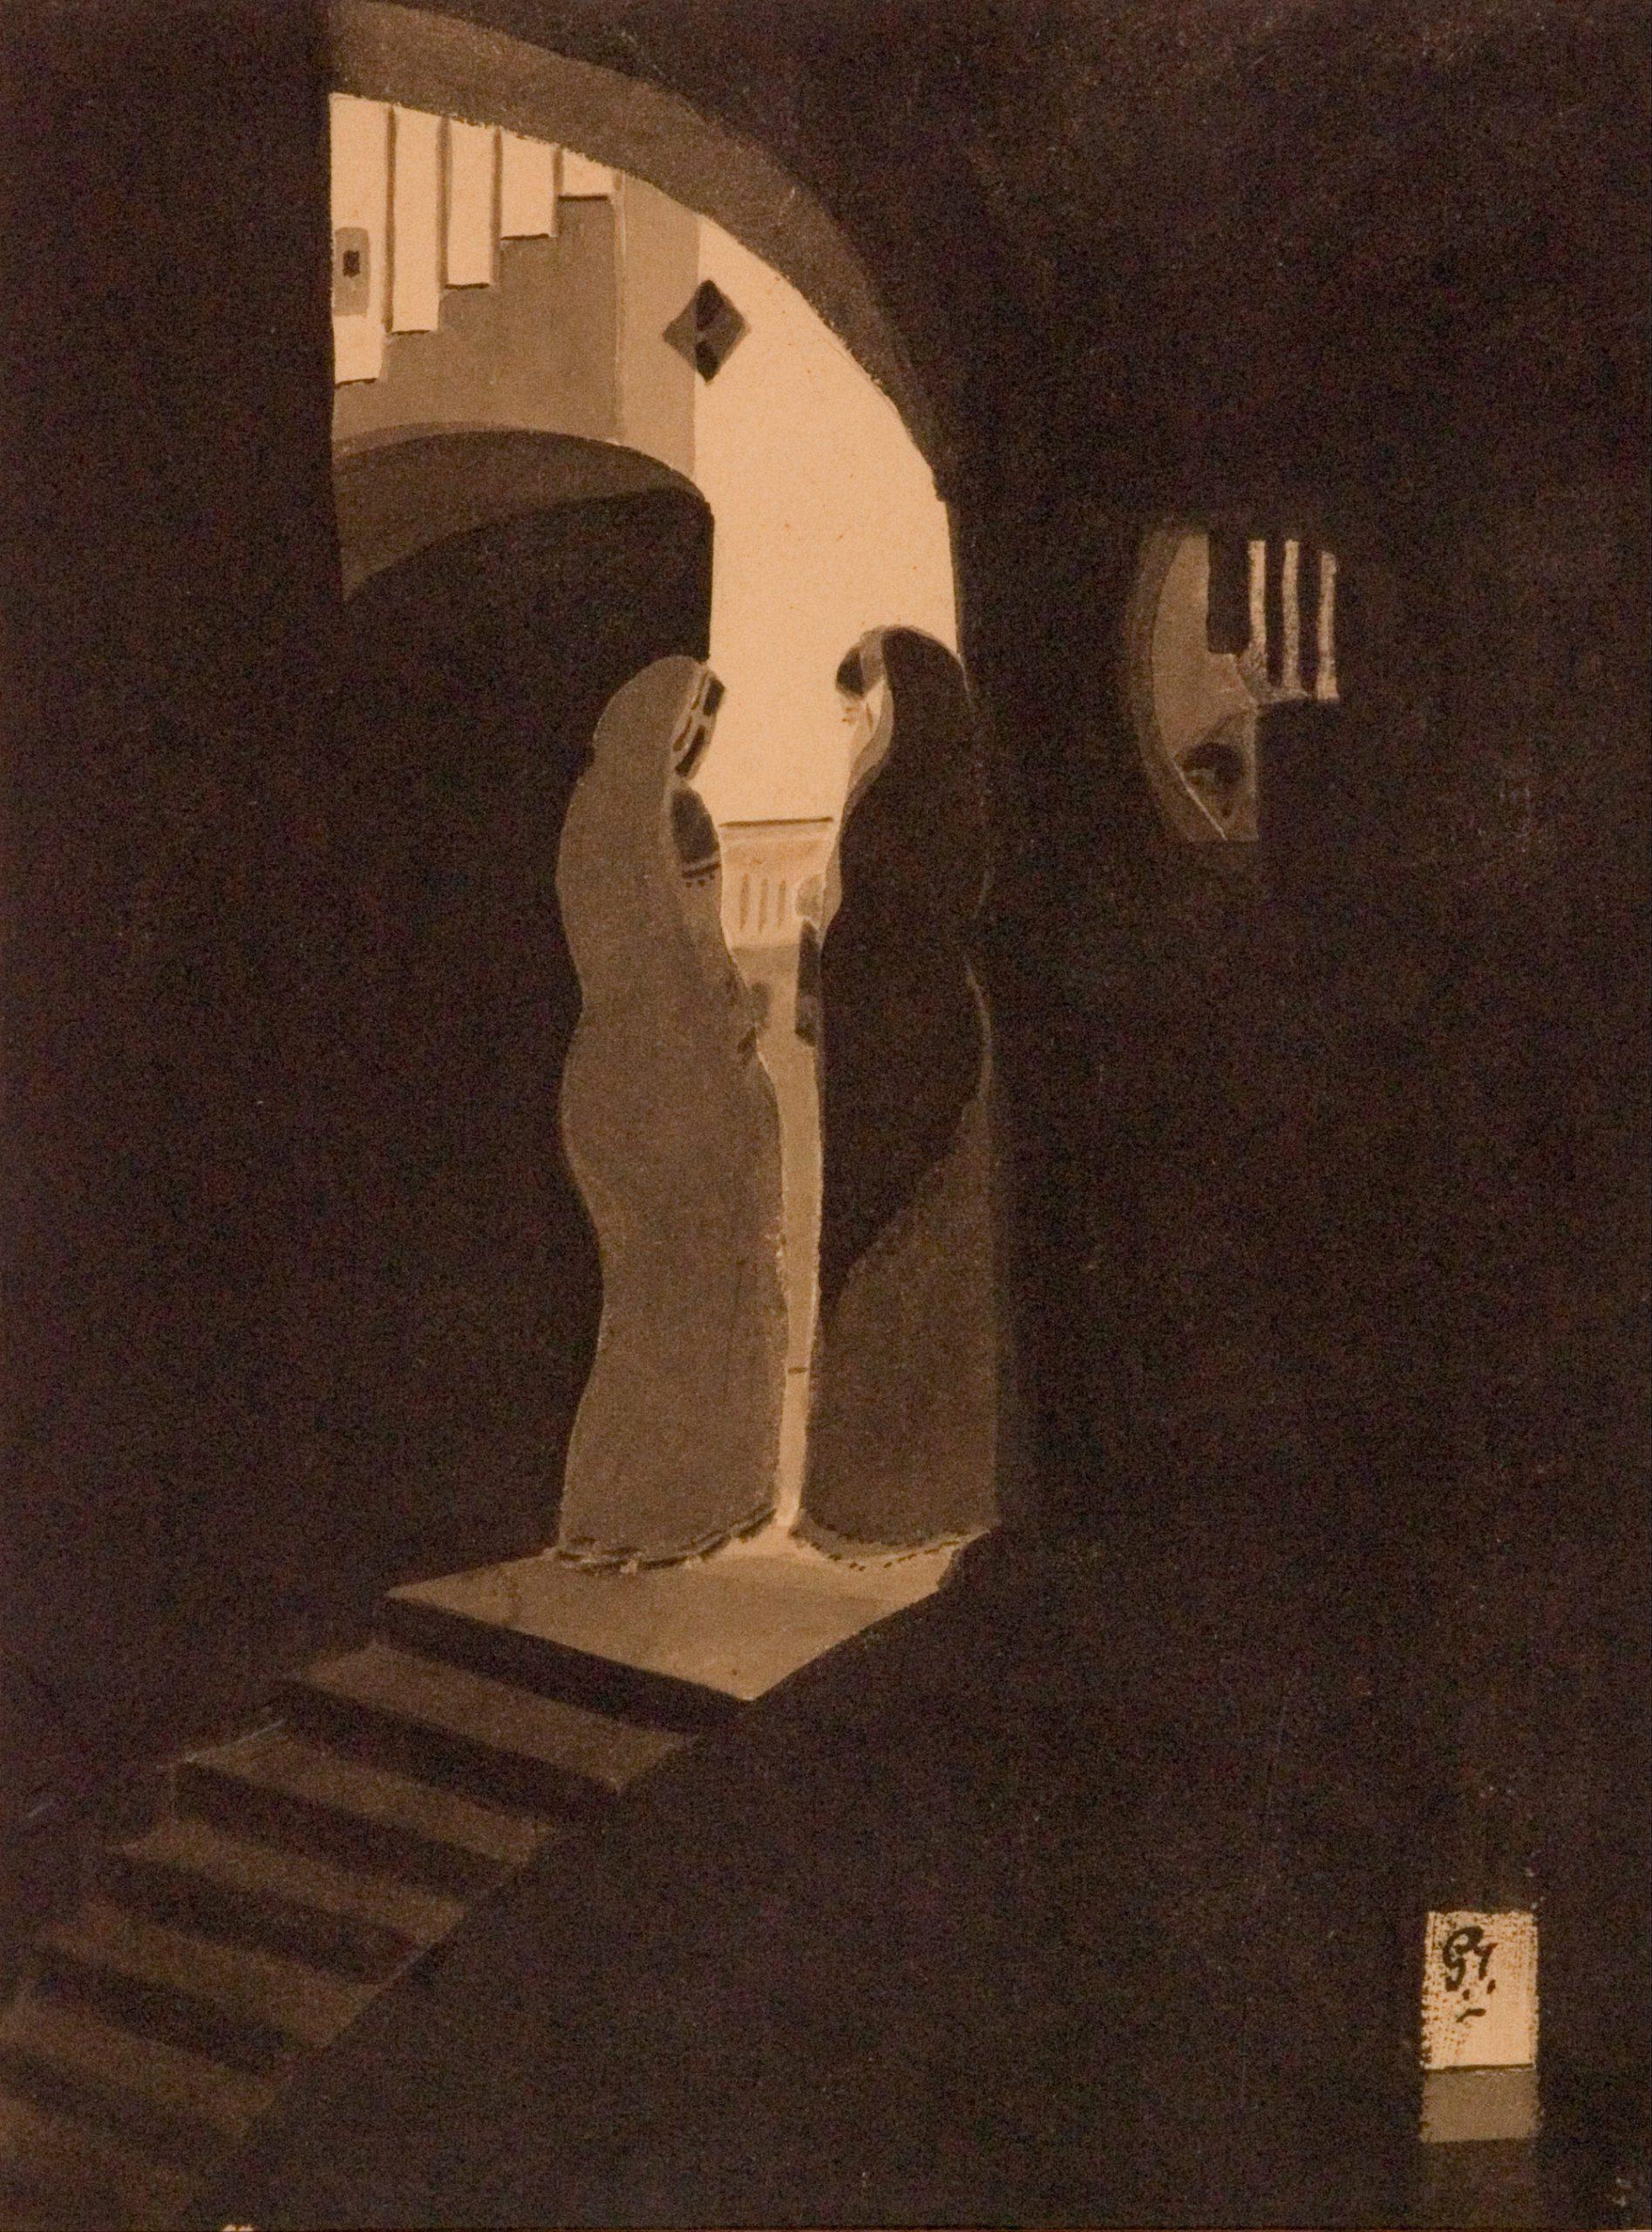 Gaganendranath Tagore, Meeting at the Staircase, 1920-1925